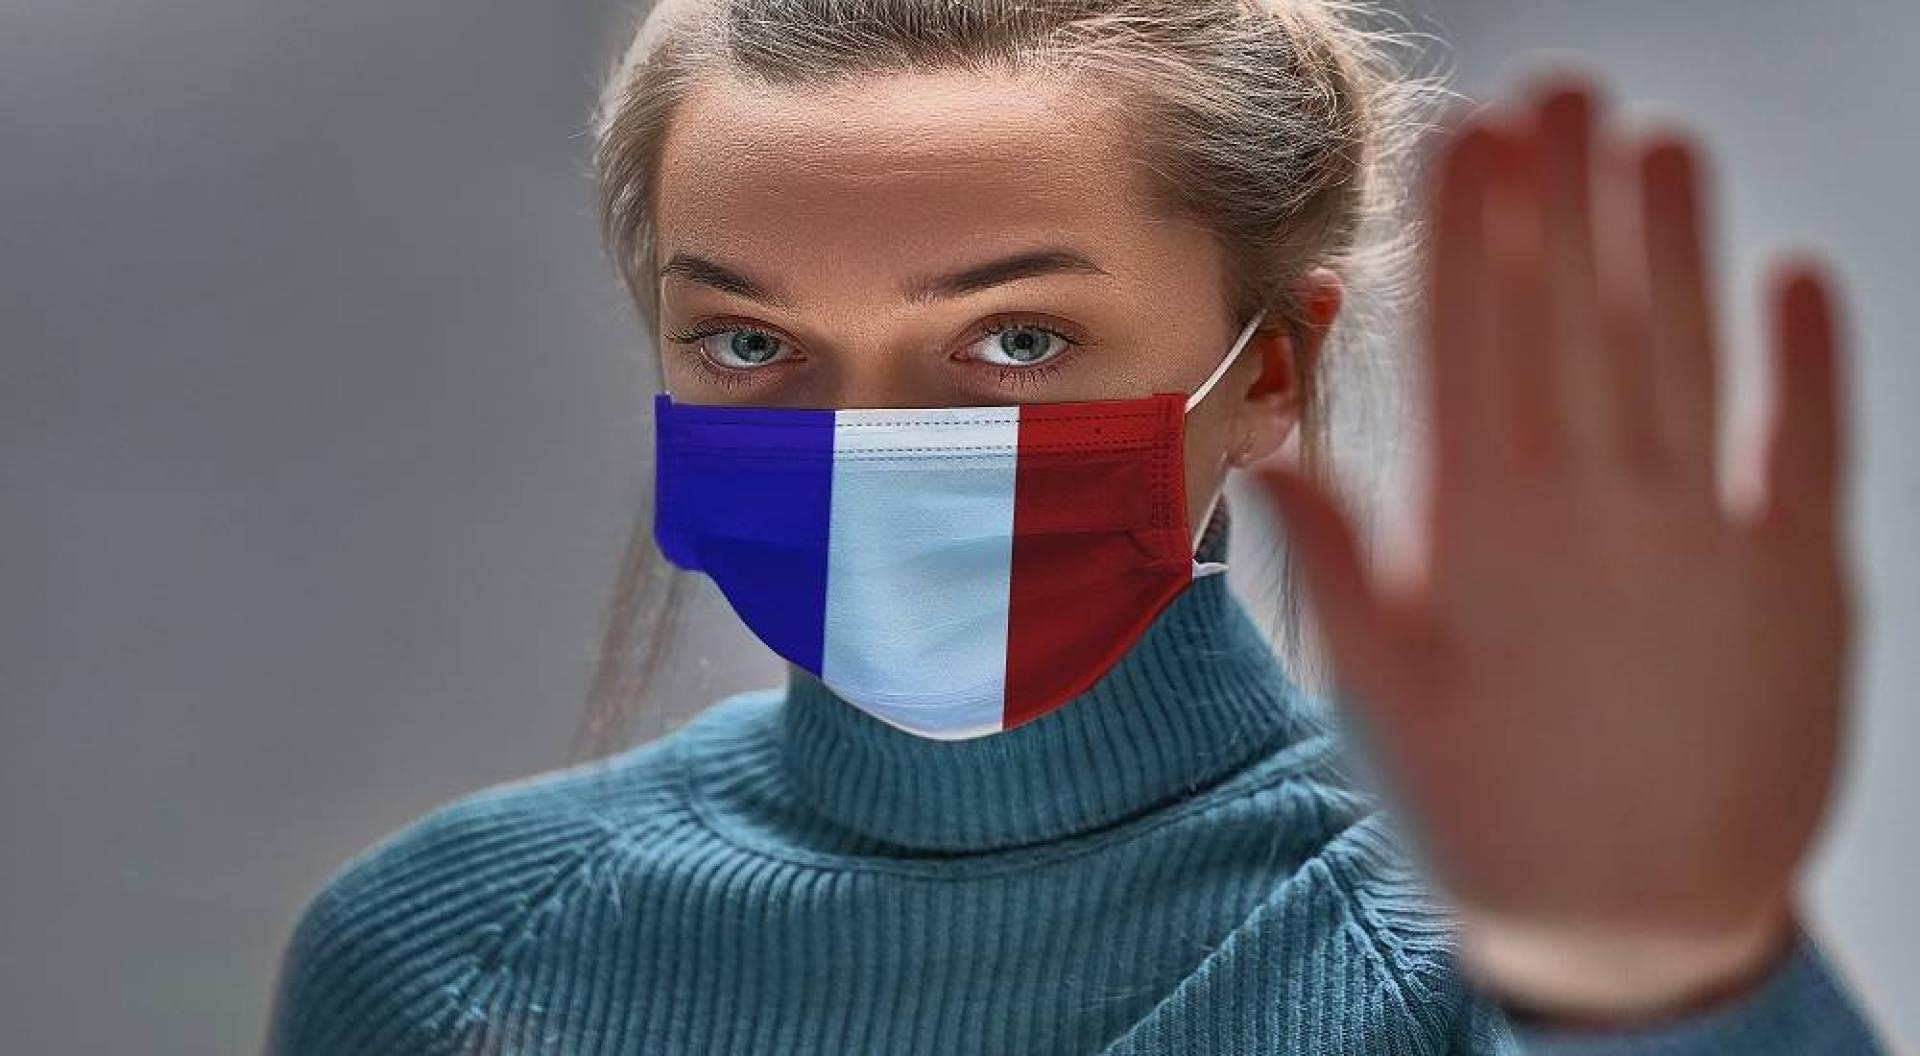 فرنسا تقلص مدة عزل المصابين بـ «كورونا» إلى 7 أيام